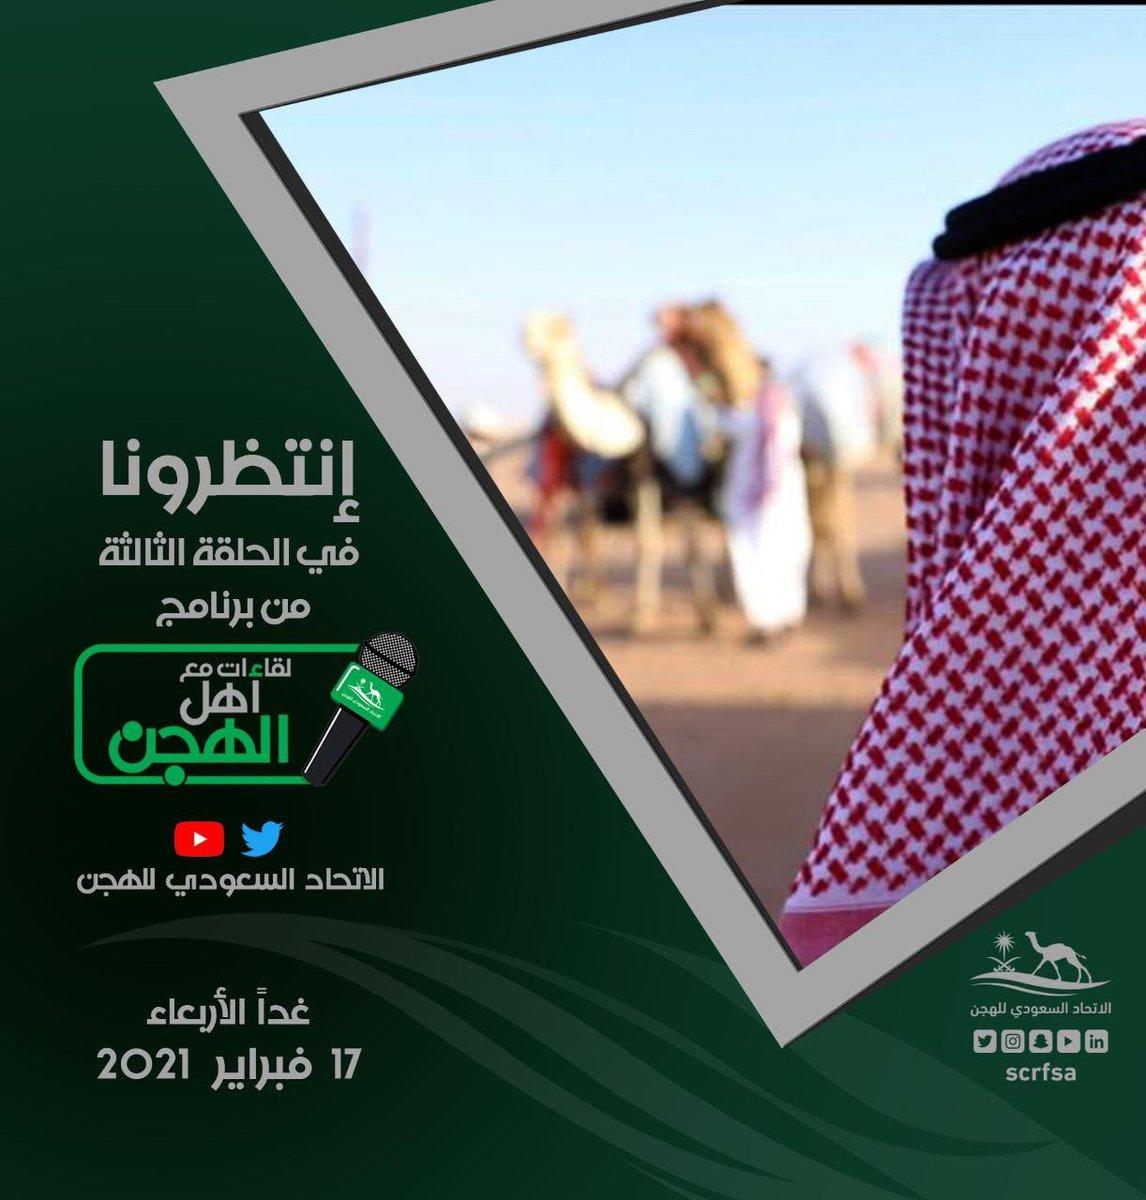 انتظرونا غداً في الحلقة الثالثة من برنامج #مع_أهل_الهجن ..   #الاتحاد_السعودي_للهجن🐪 https://t.co/yCsvx5nxwO